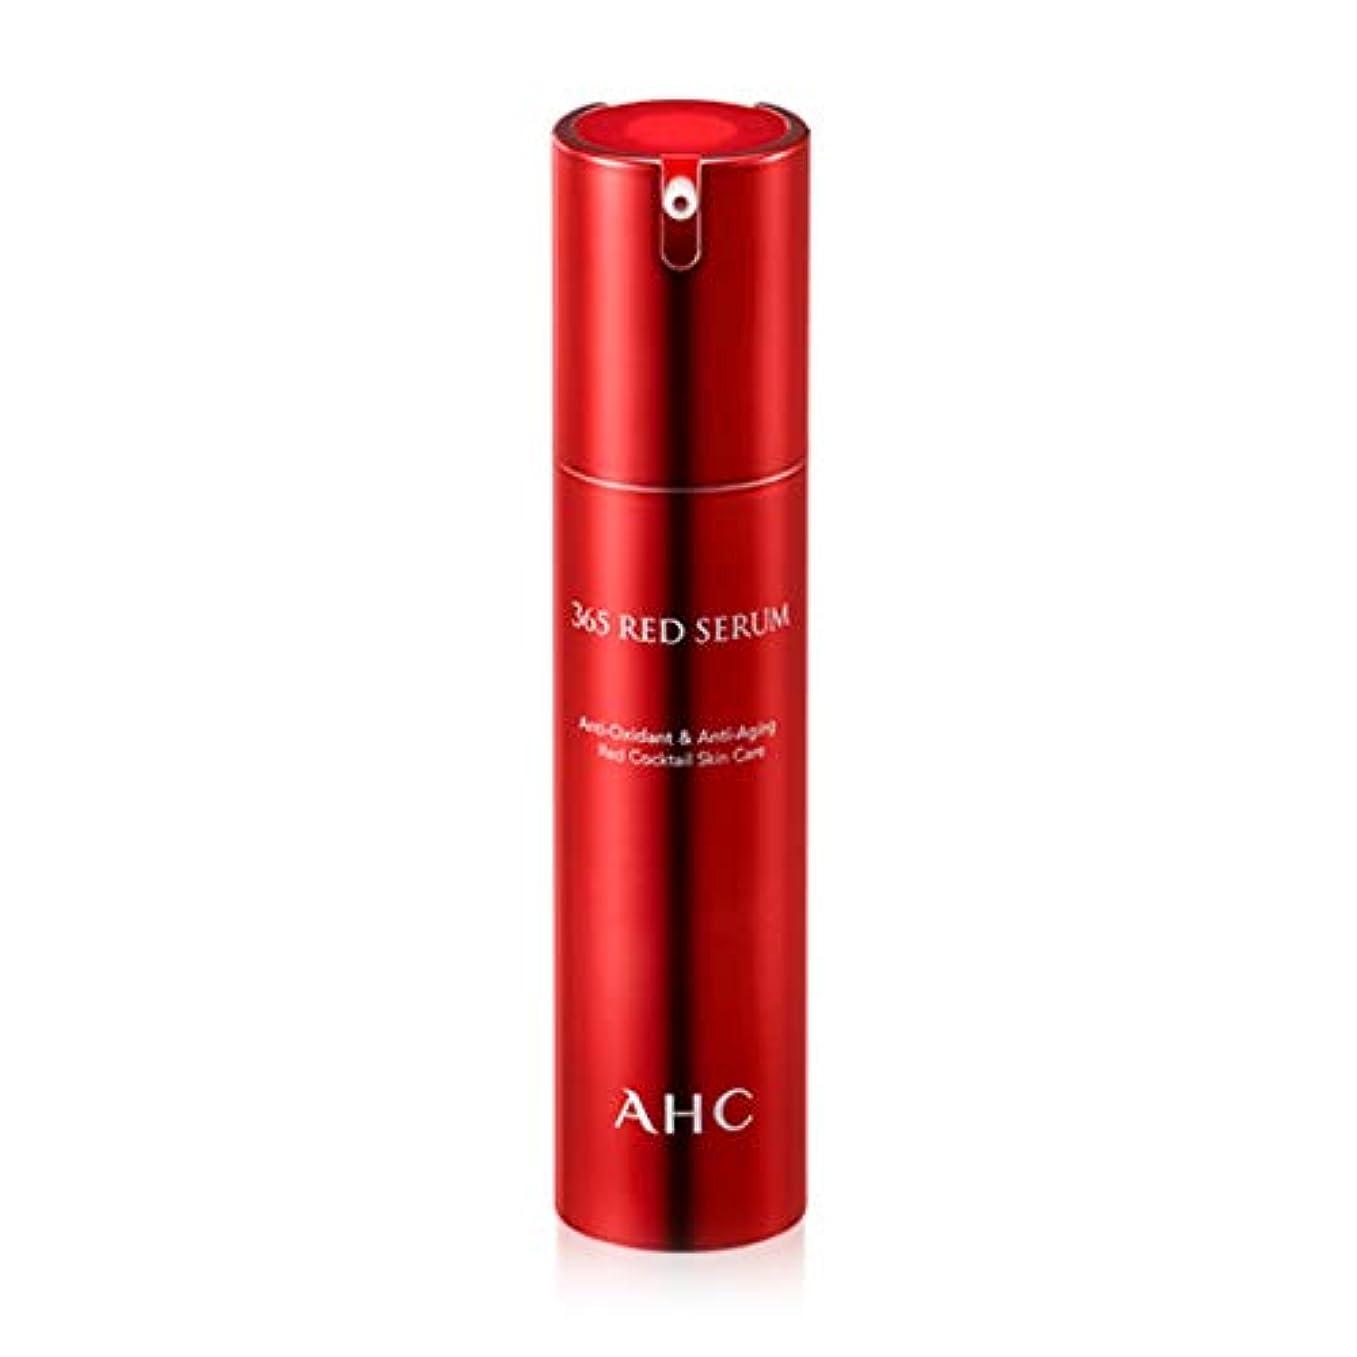 アレイレキシコンセッティングAHC 365 Red Serum AHC 365 レッド セラム 50ml [並行輸入品]